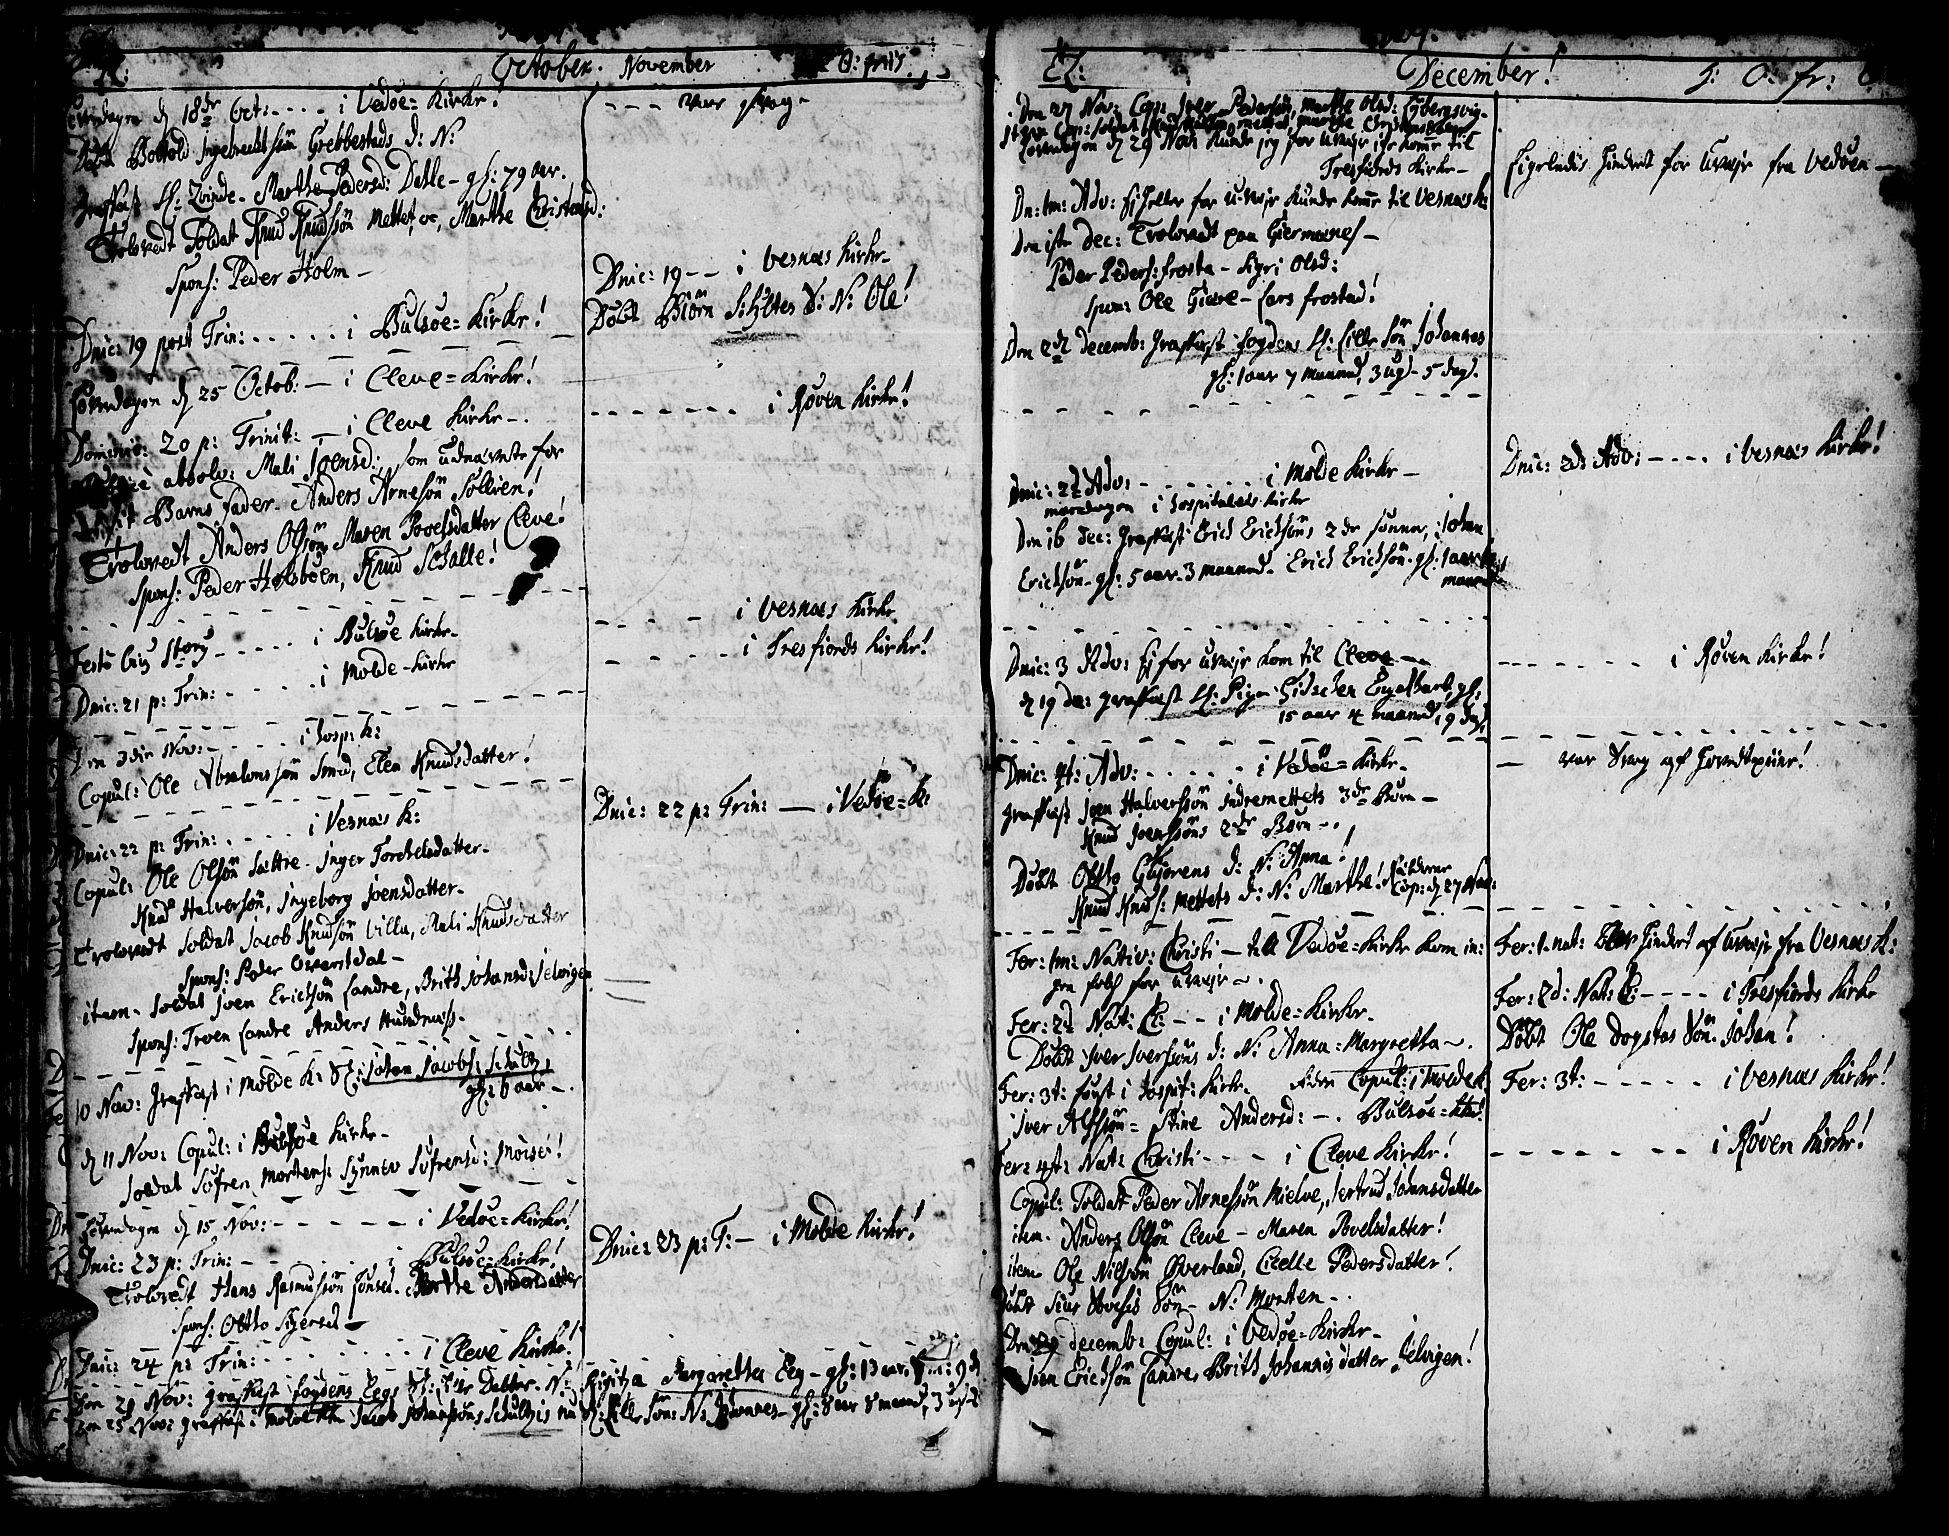 SAT, Ministerialprotokoller, klokkerbøker og fødselsregistre - Møre og Romsdal, 547/L0599: Ministerialbok nr. 547A01, 1721-1764, s. 88-89